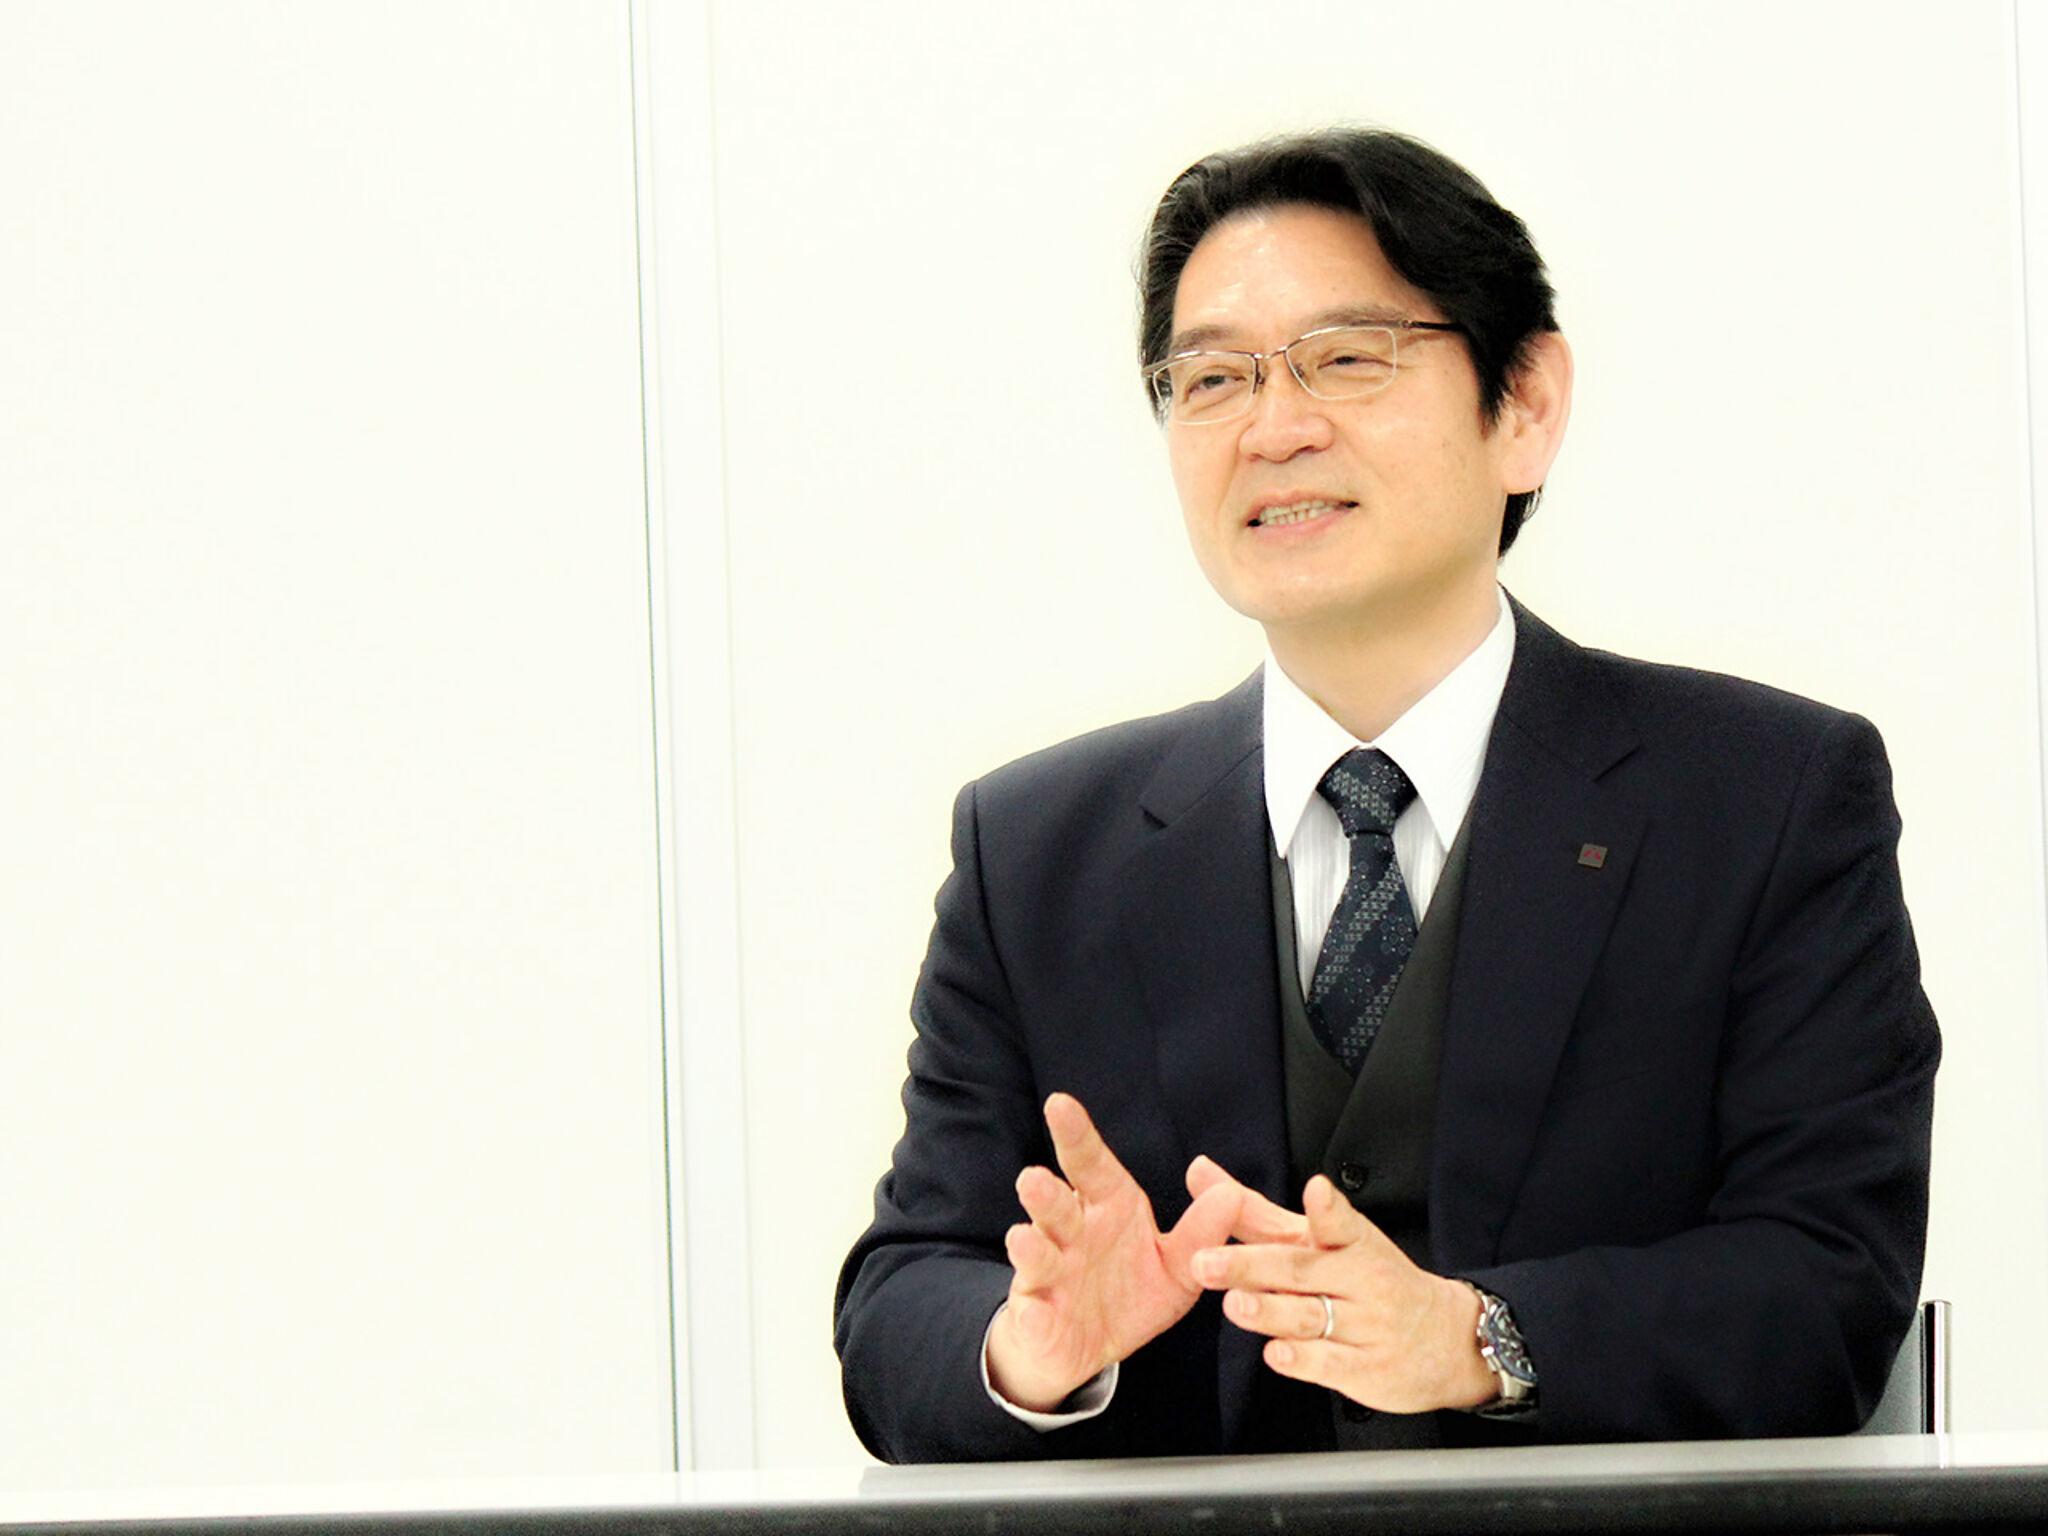 名門会 インタビュー 2